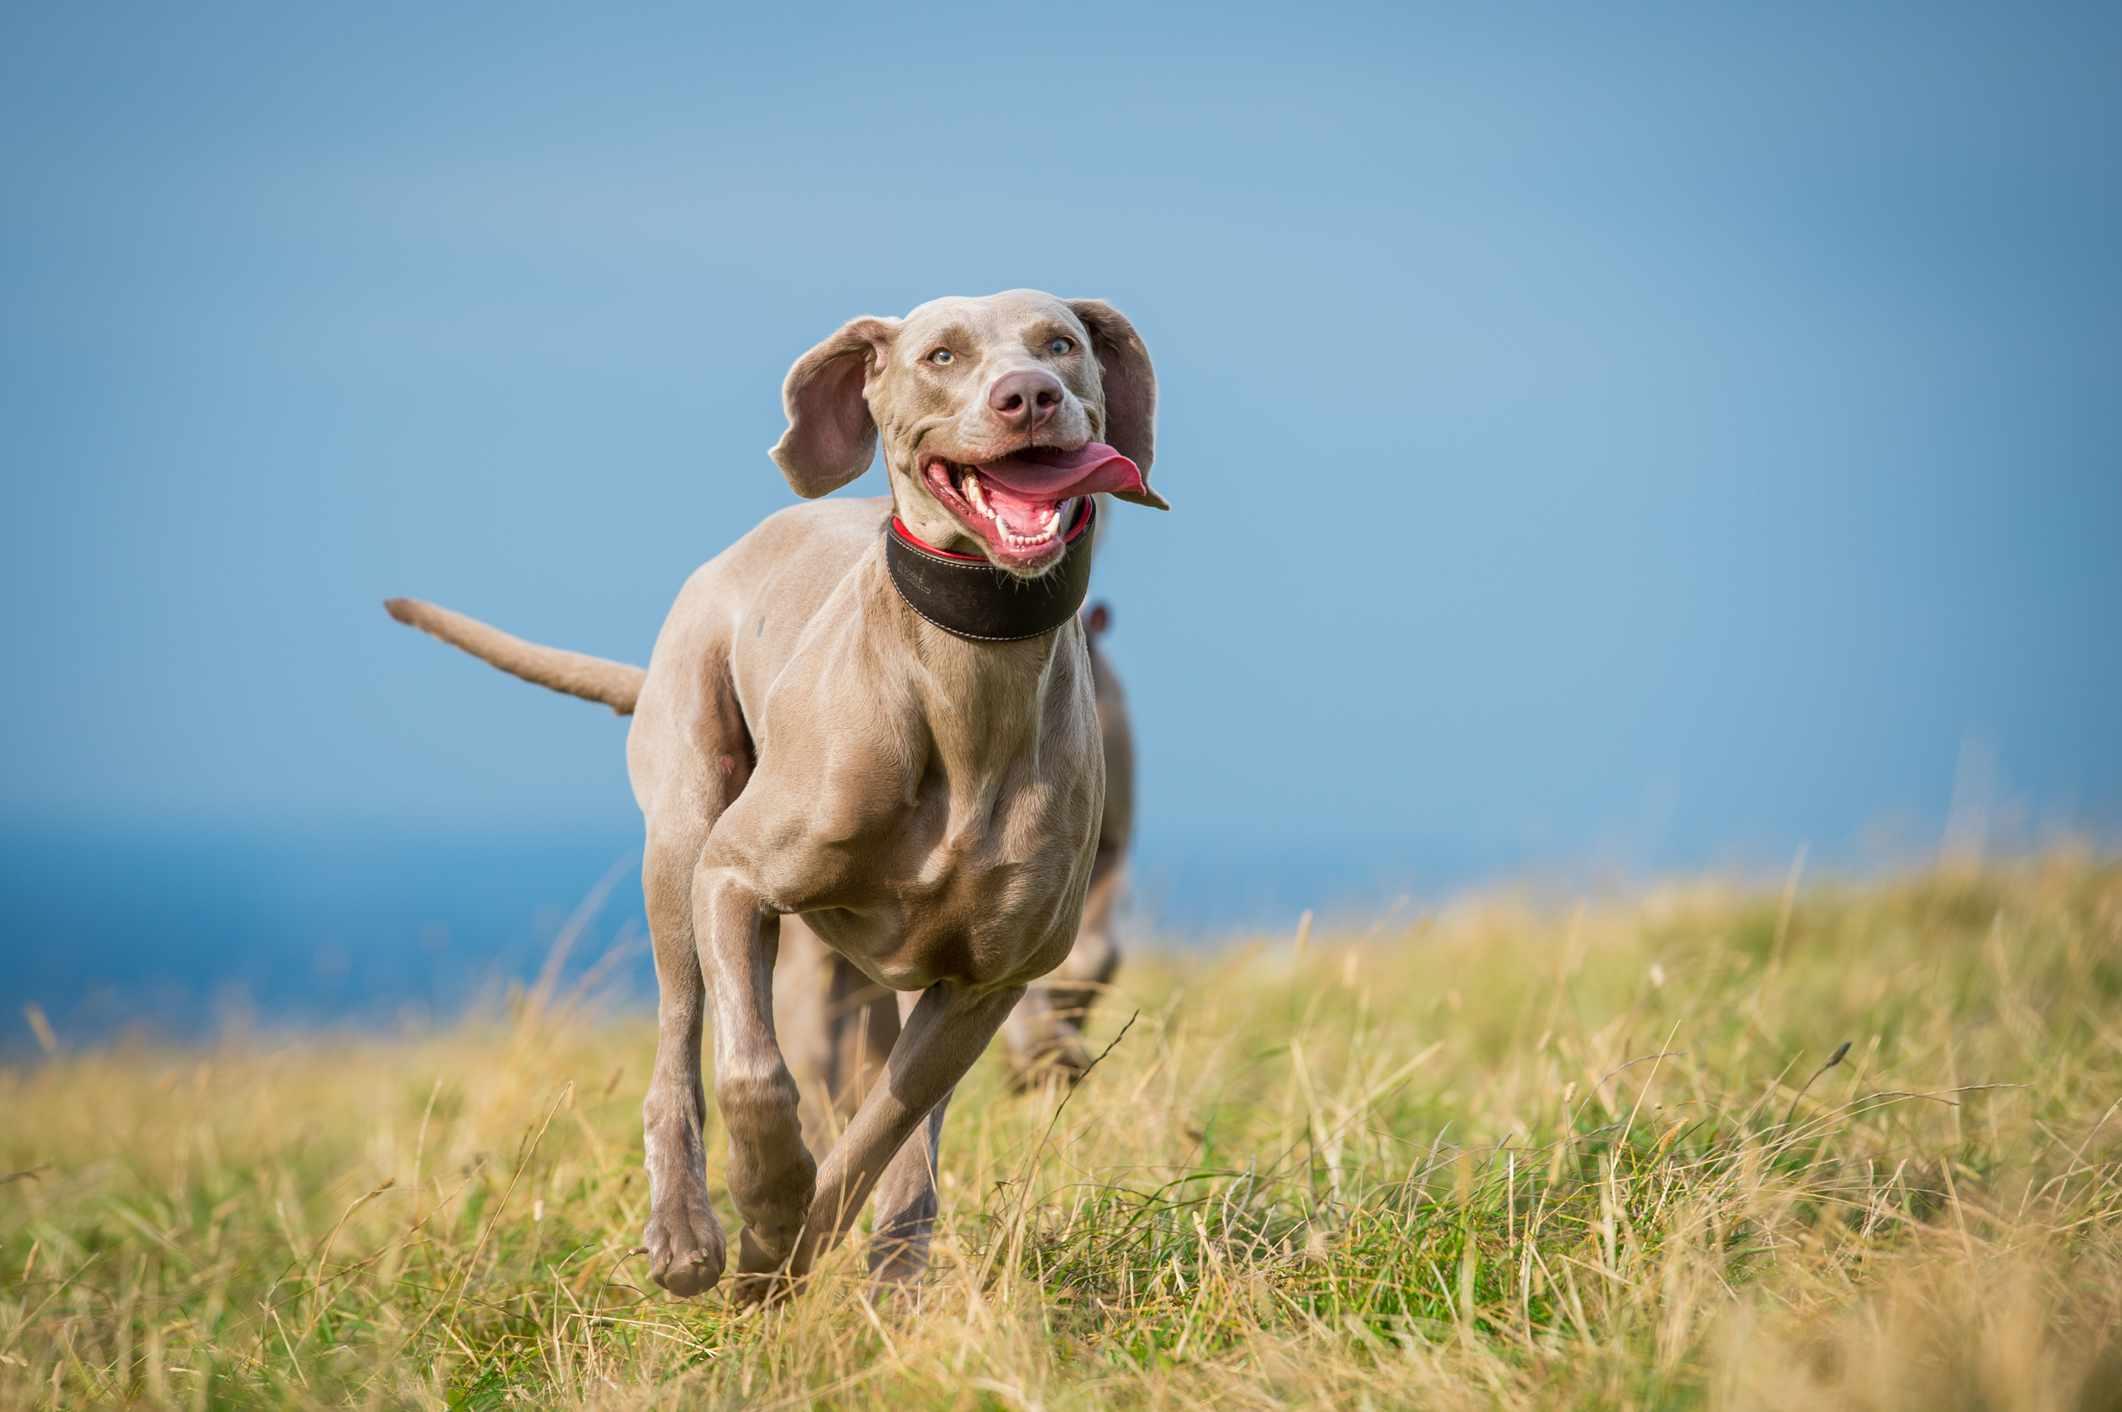 Weimaraner running across grass